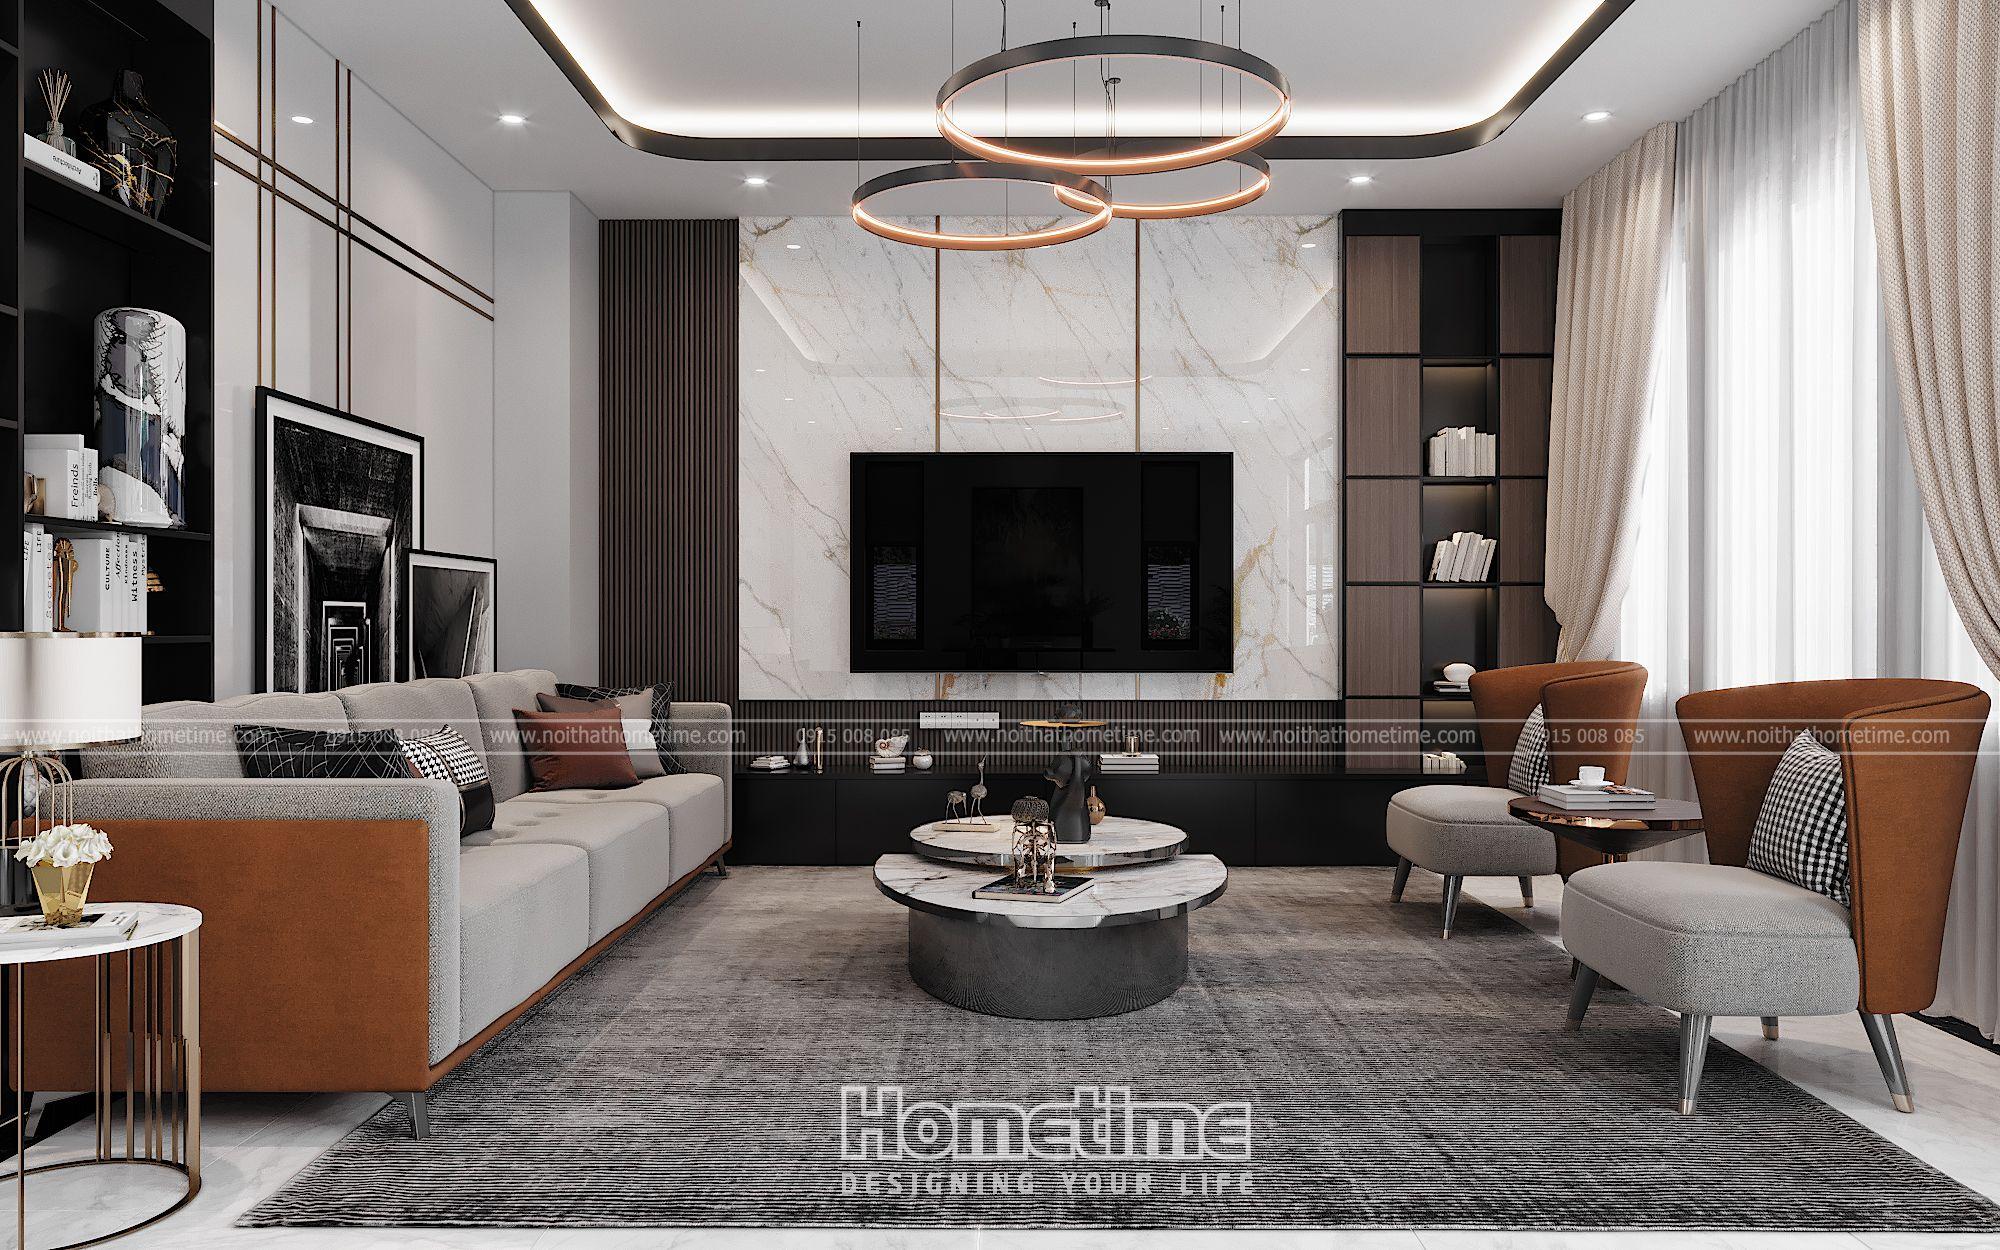 thiết kế nội thất phòng khách bếp biệt thự vinhomes marina hải phòng